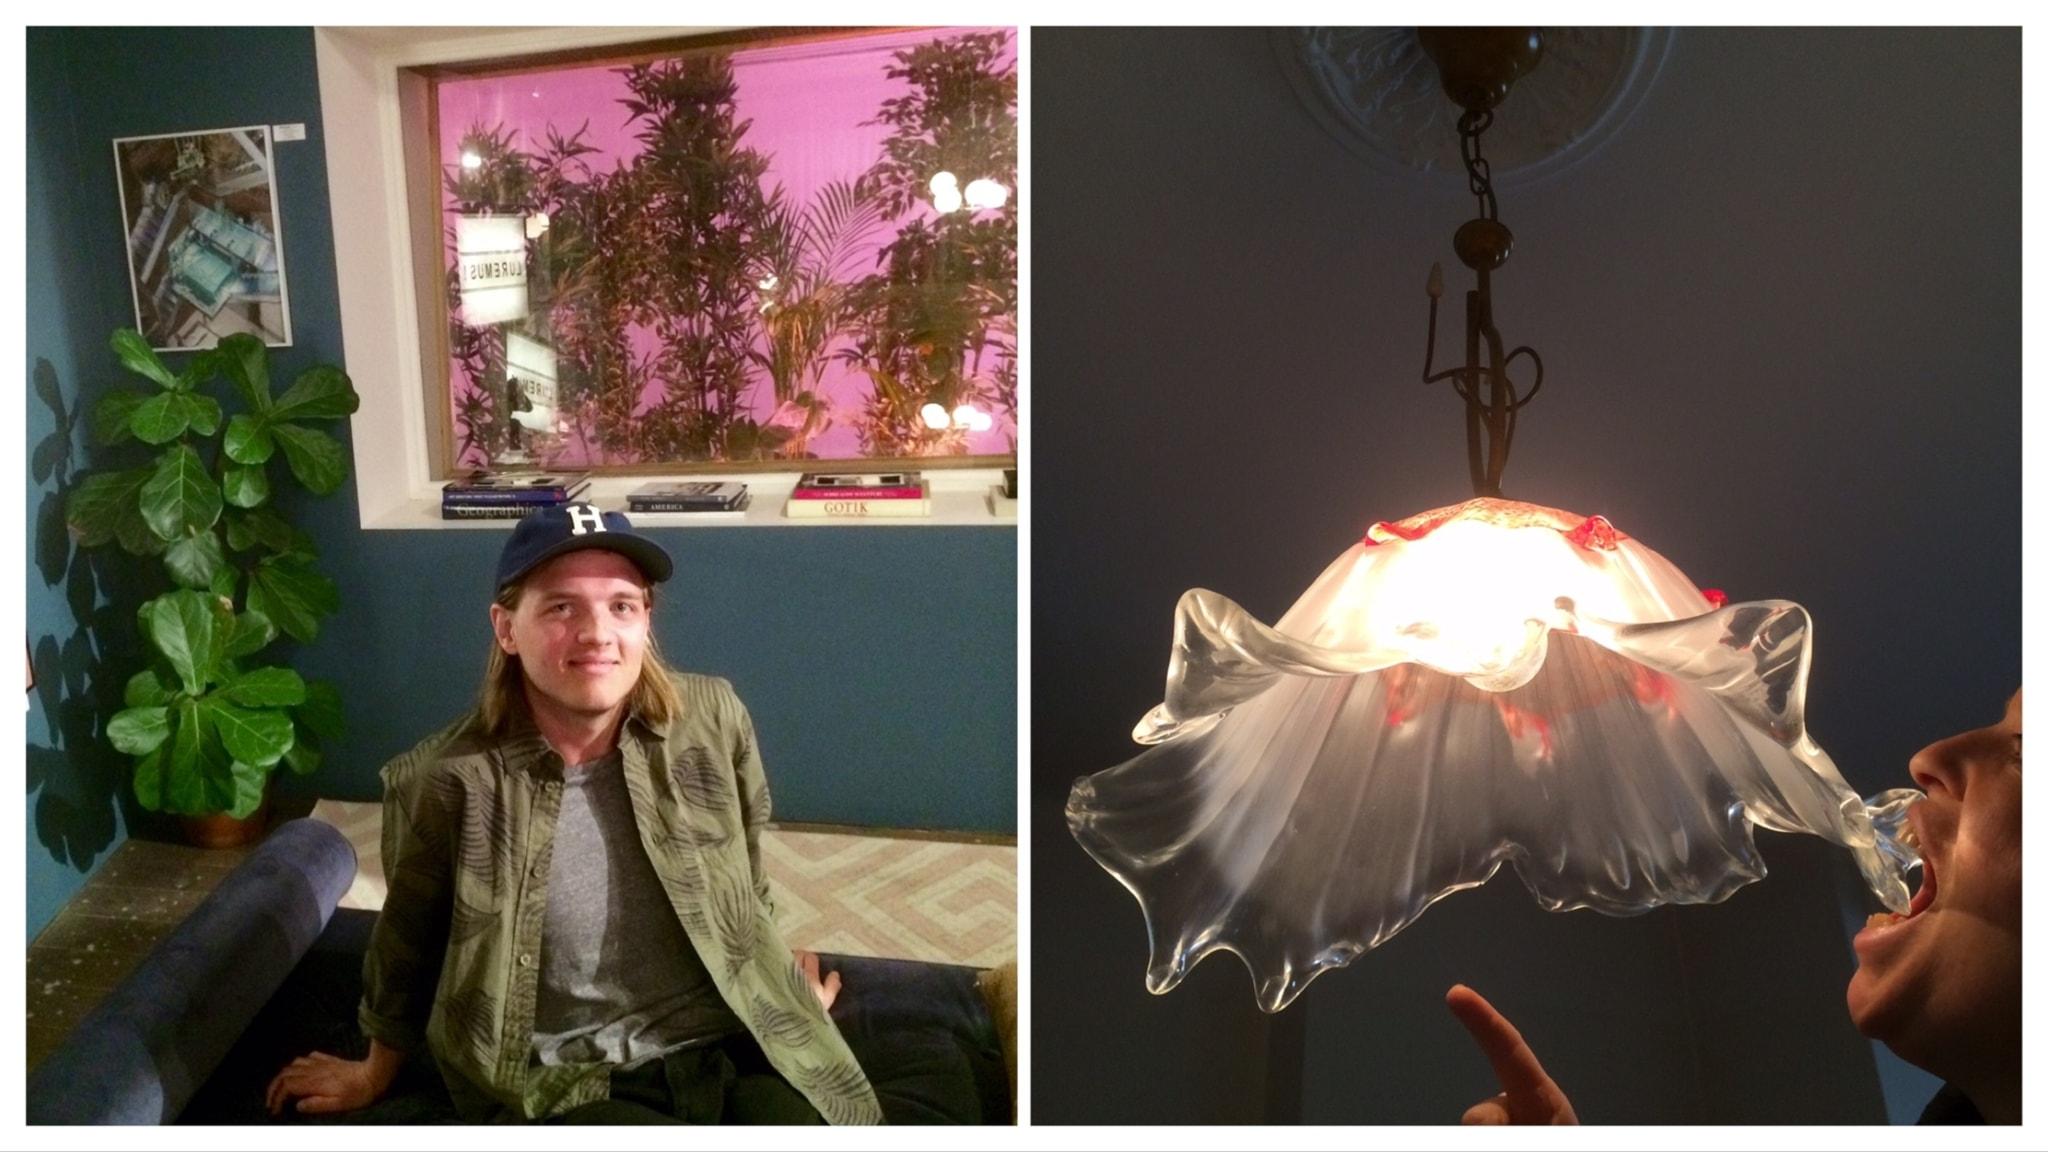 De hemtrevliga:  Mellan moderplantor och kusliga lampor